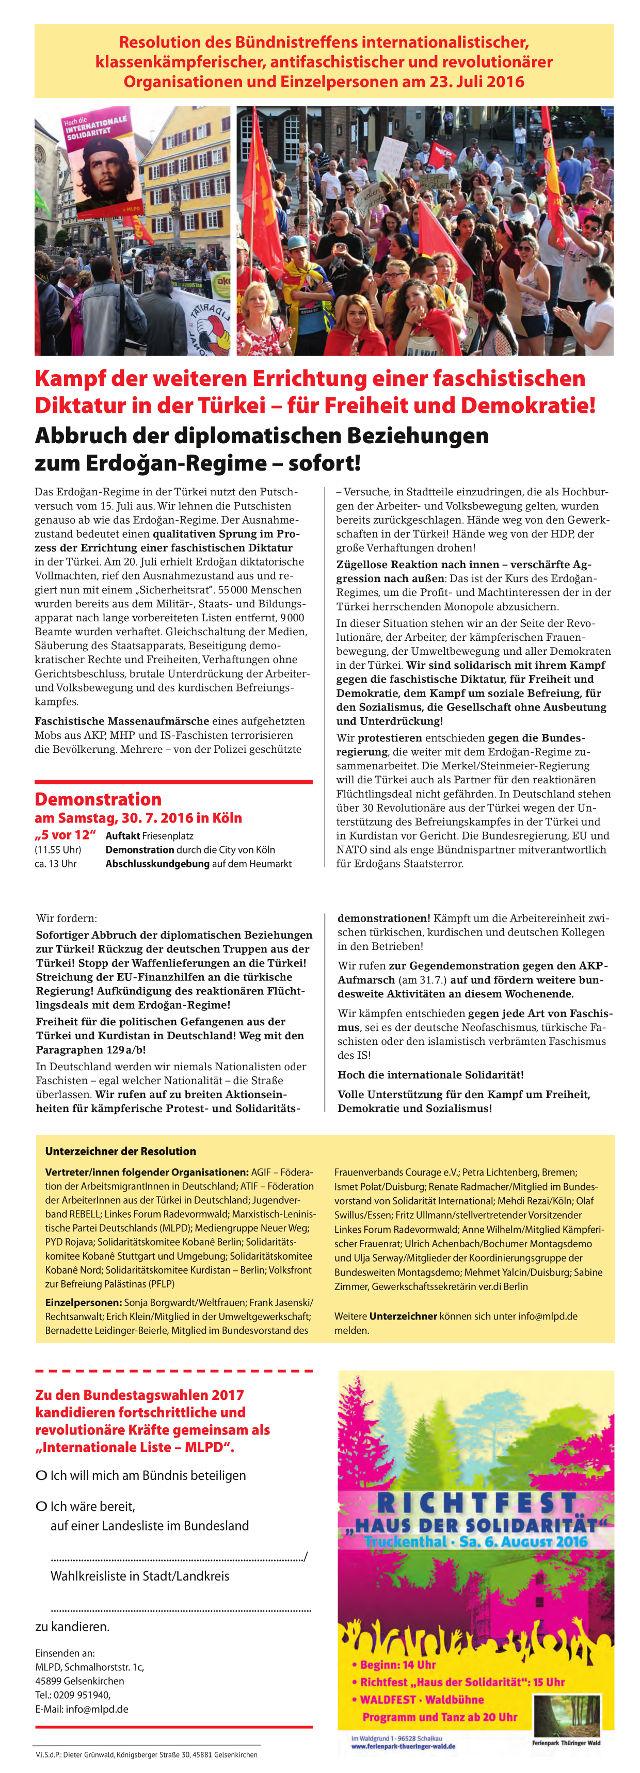 Erklaerung_zu_Tuerkei_als_Flugblatt_640